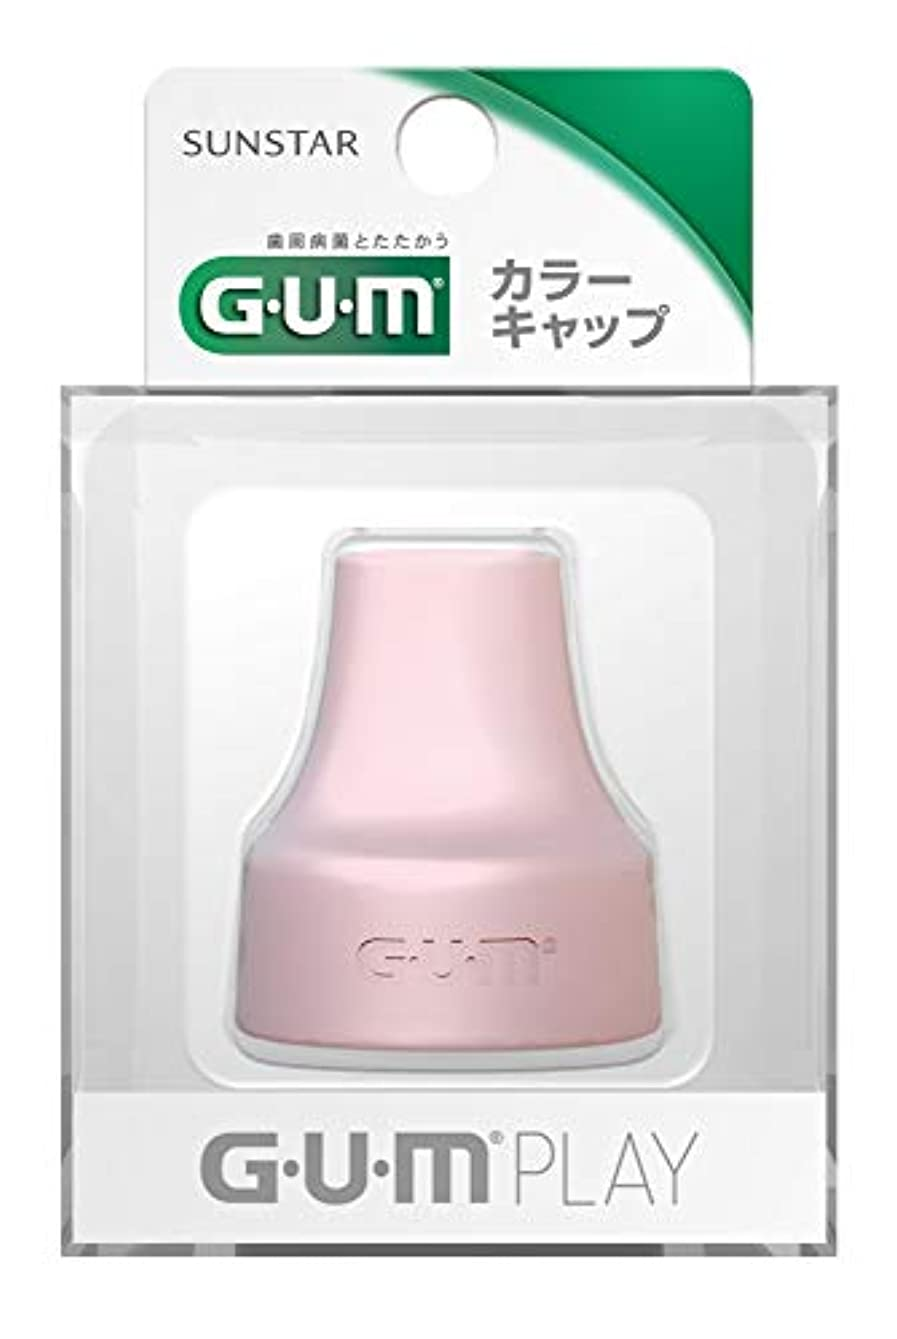 悪化させるインポート把握GUM PLAY (ガム プレイ) スマホ連動歯ブラシ 専用カラーキャップ ブルームピンク